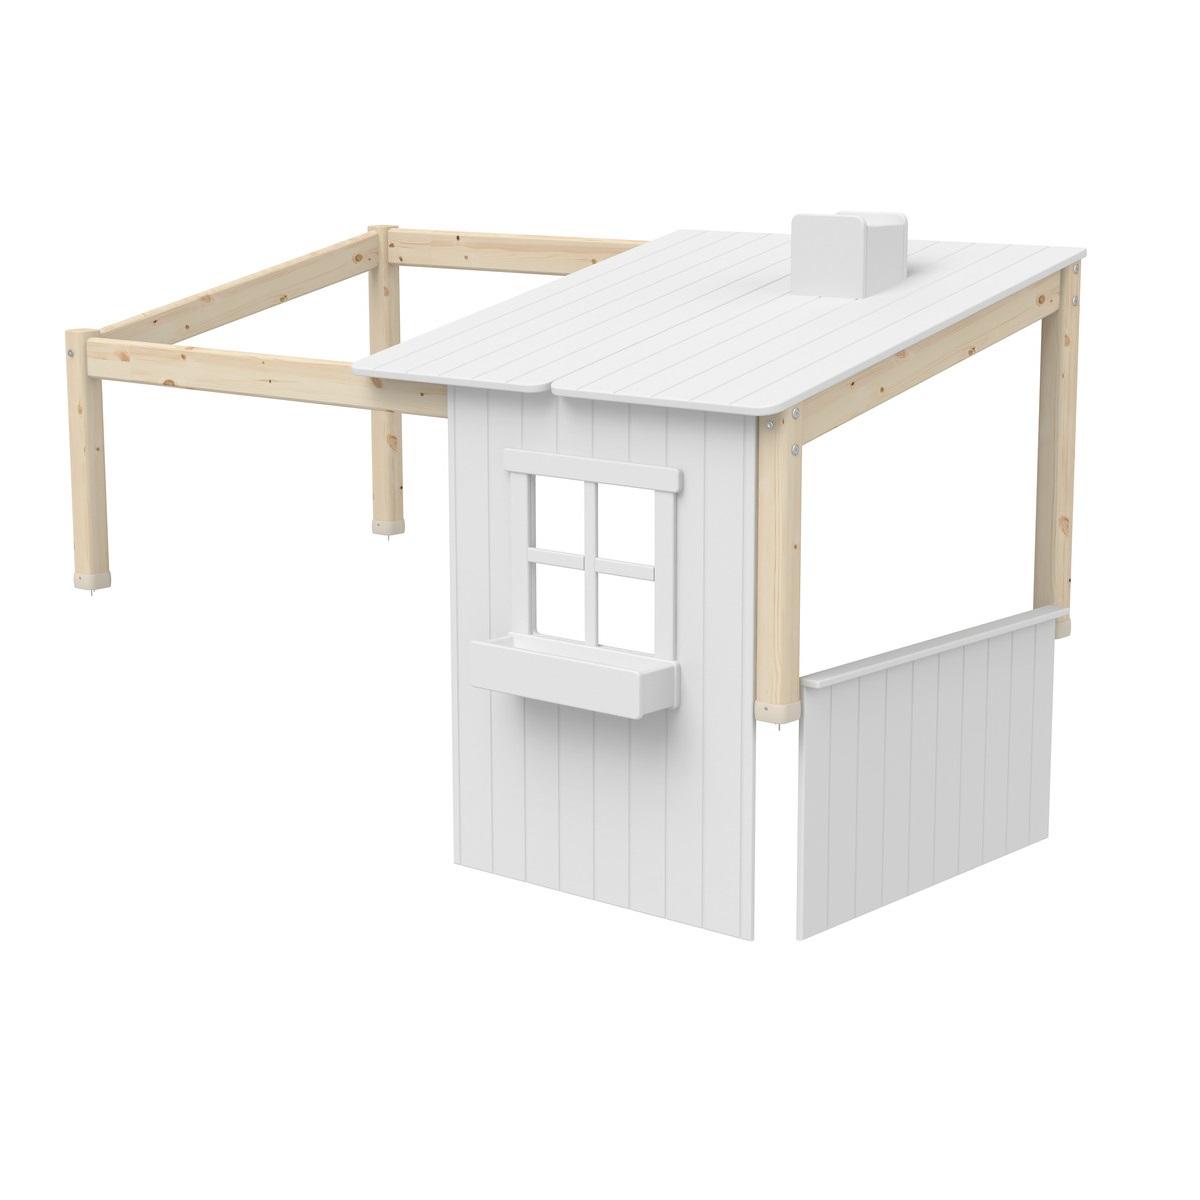 Sänghus halvt CLASSIC 200 cm vit/ klarlack, Flexa